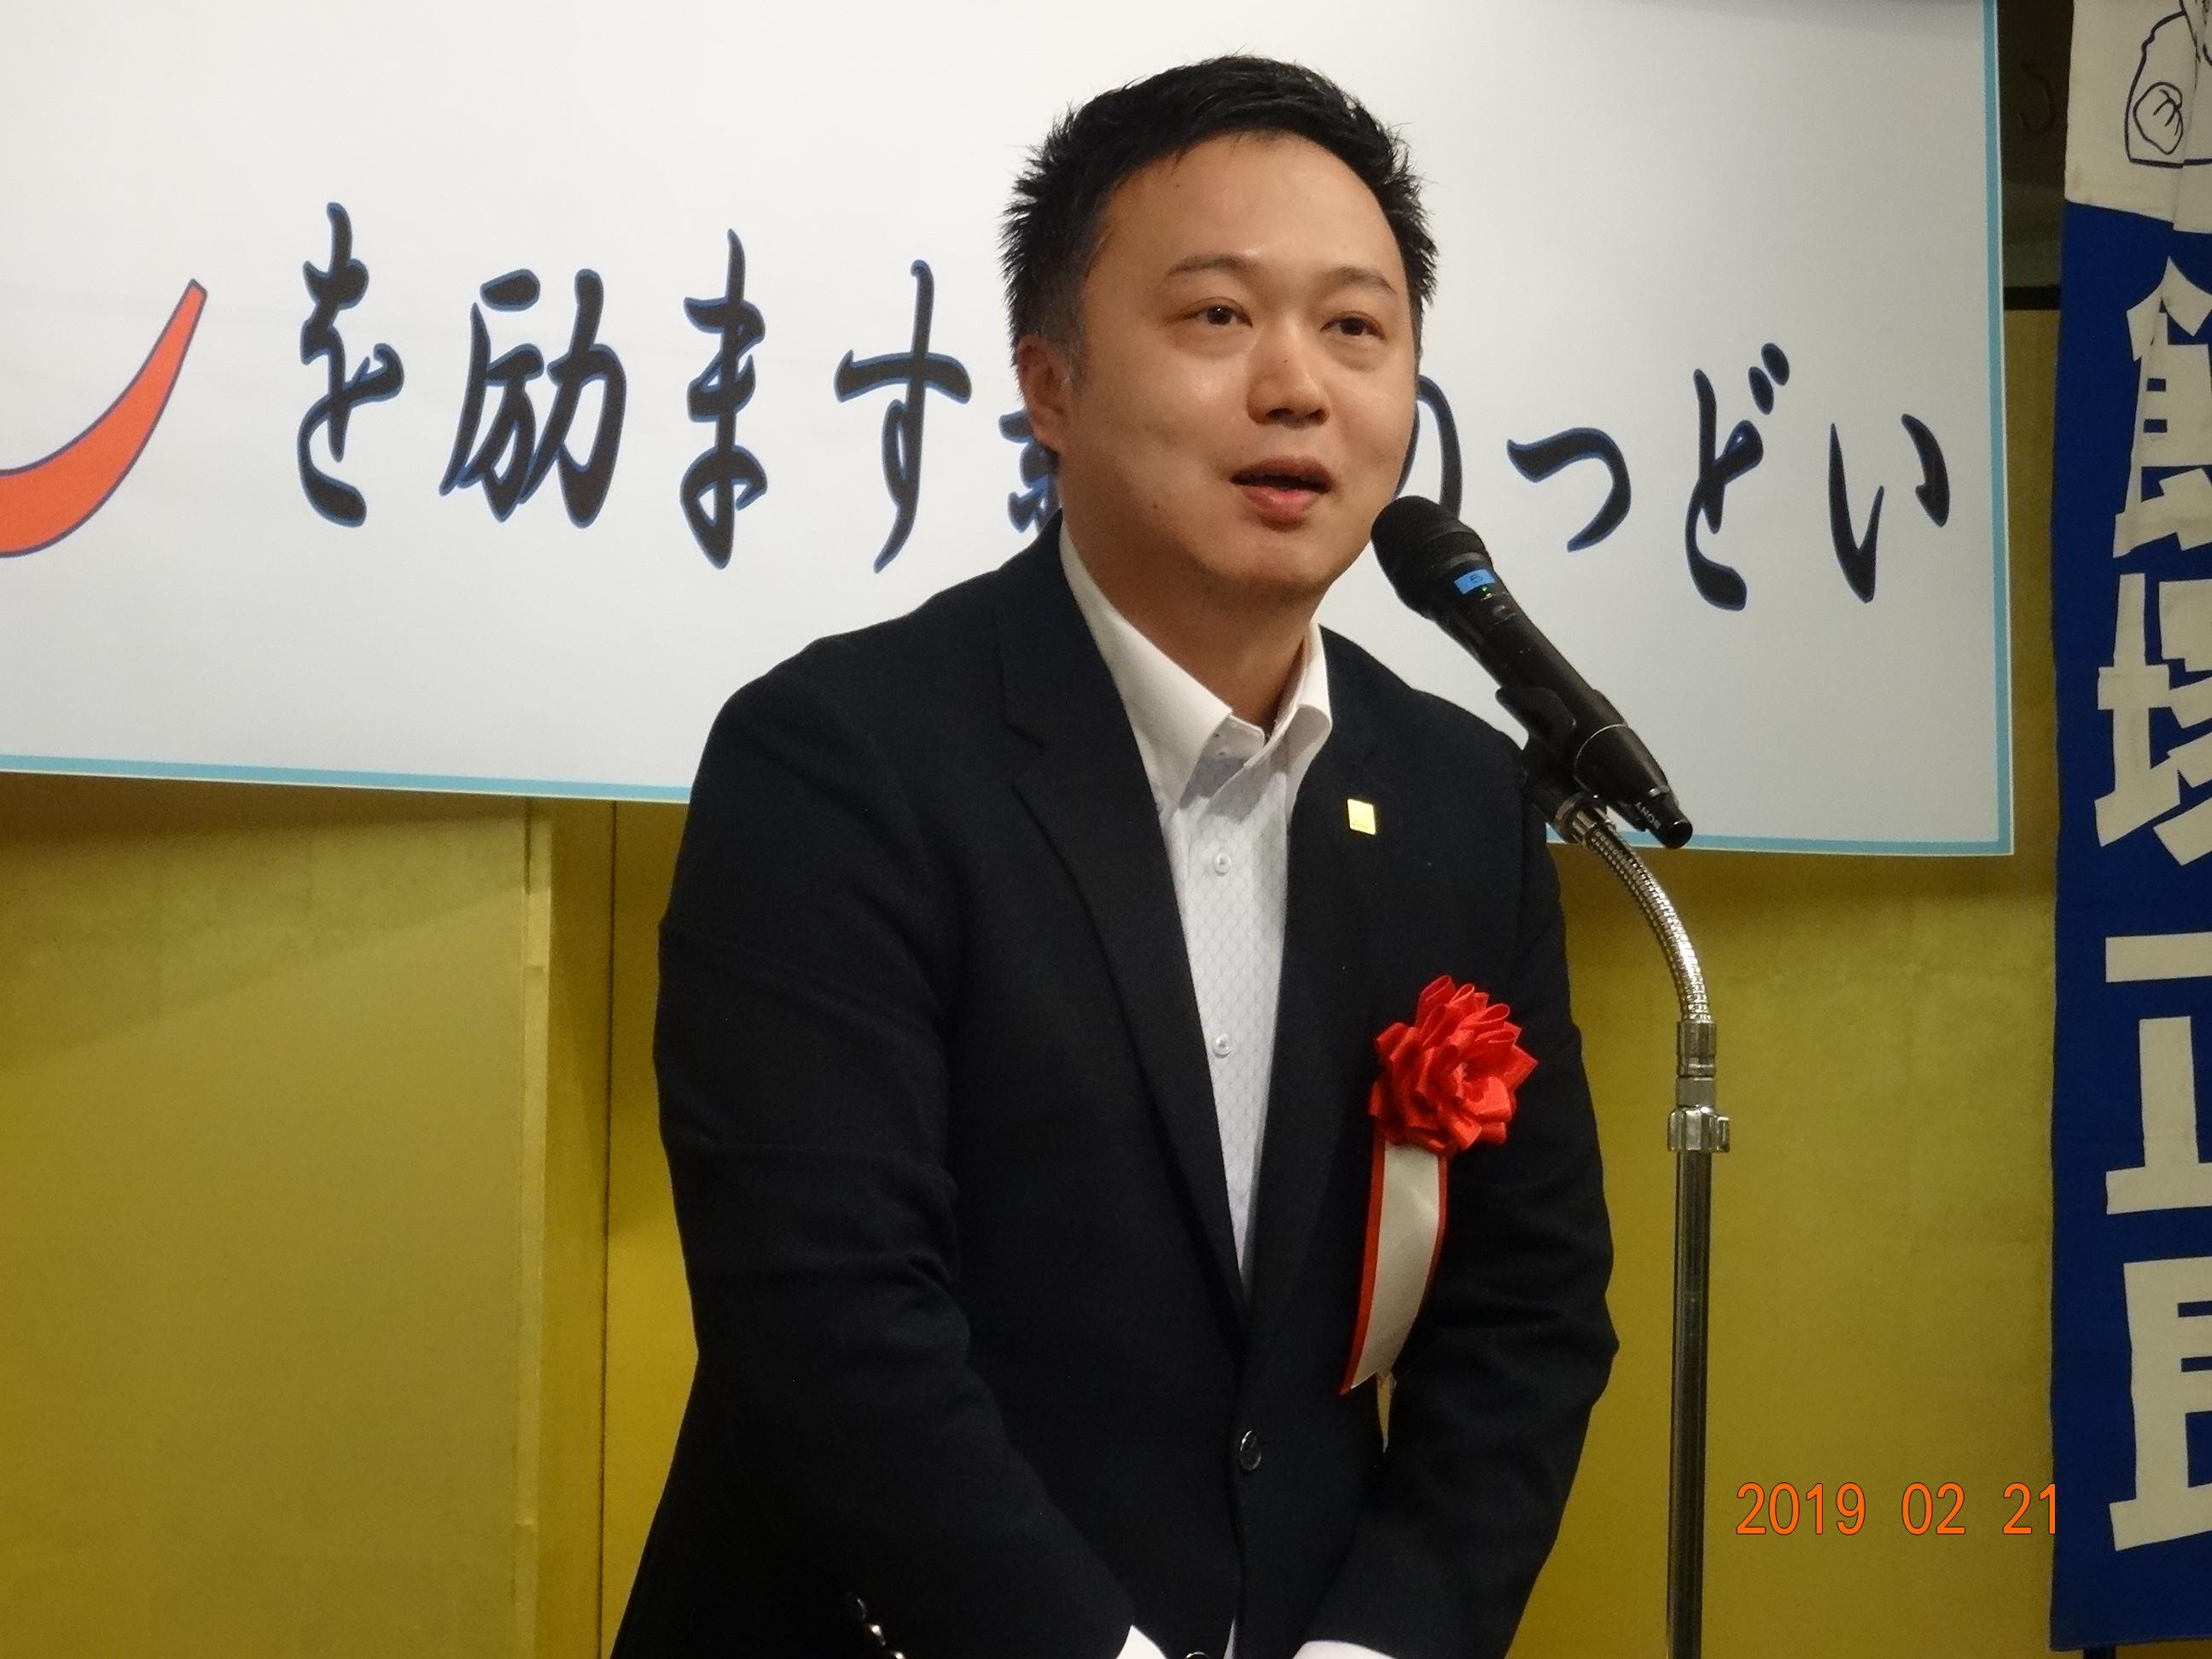 ハン・ジンギョ 韓国富川韓日経済交流センター長